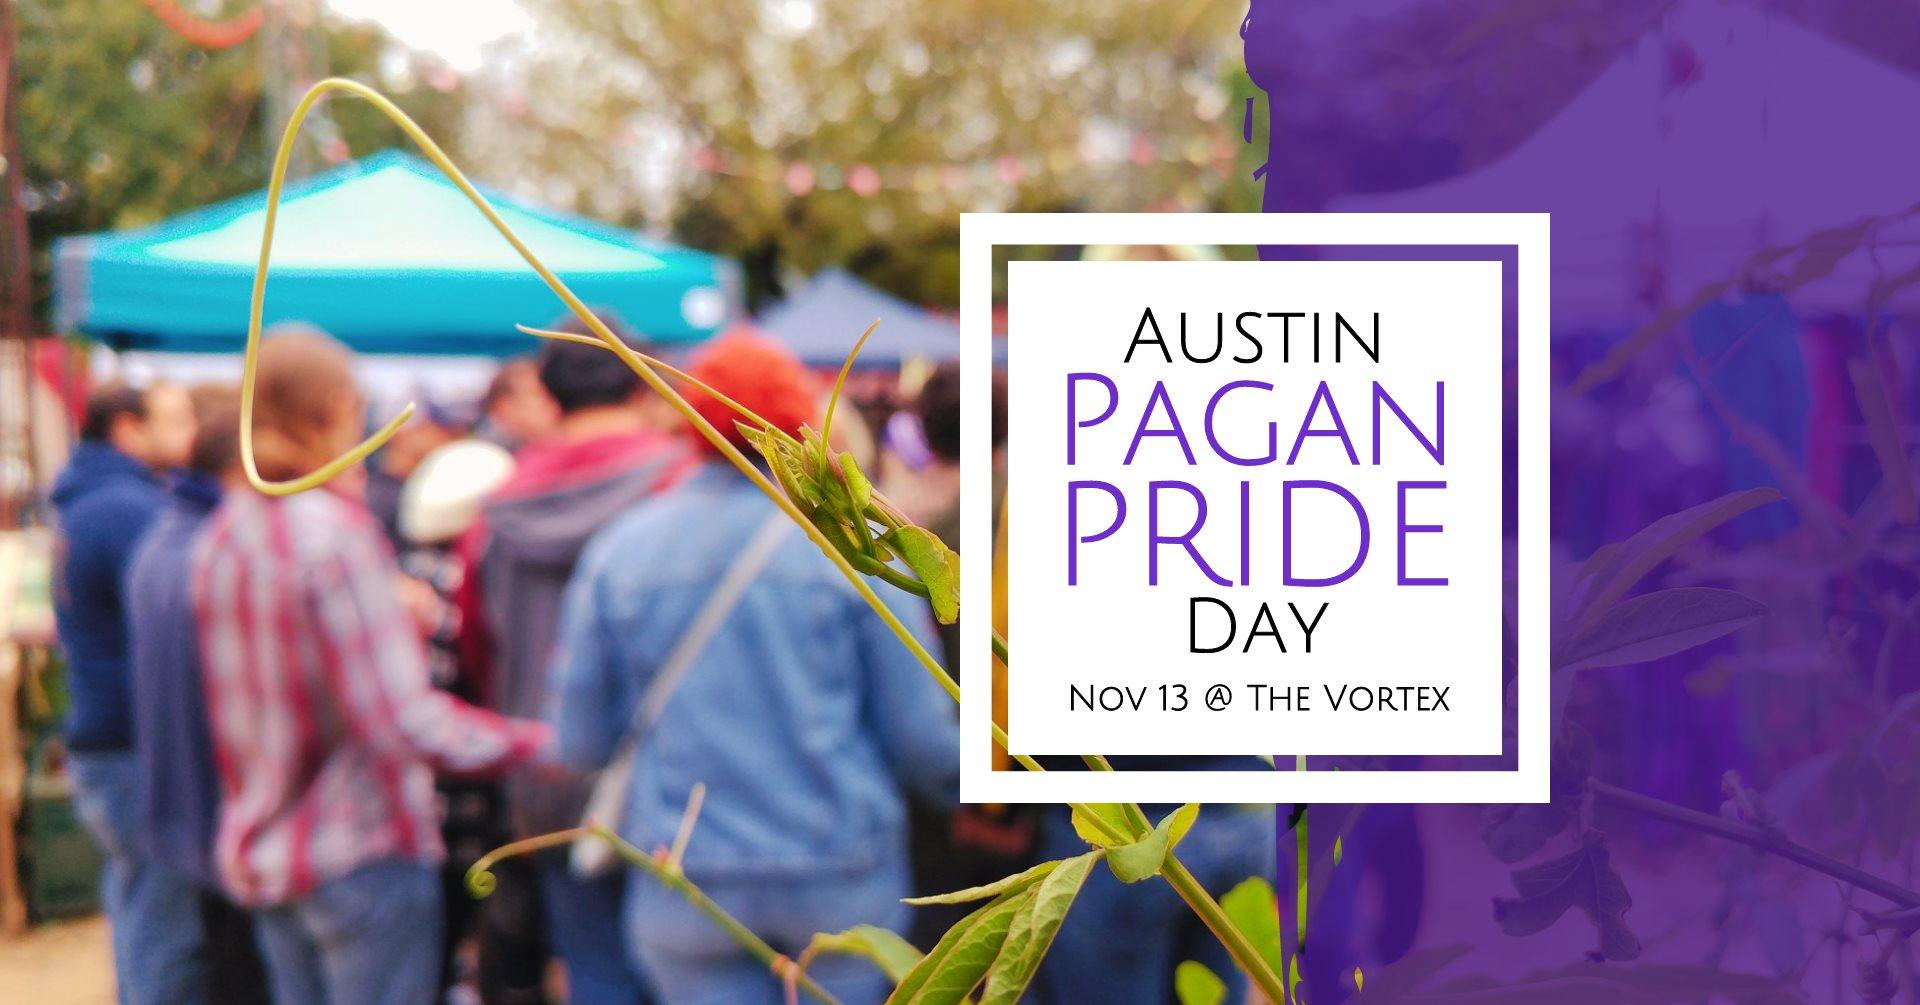 Austin Pagan Pride Day 202